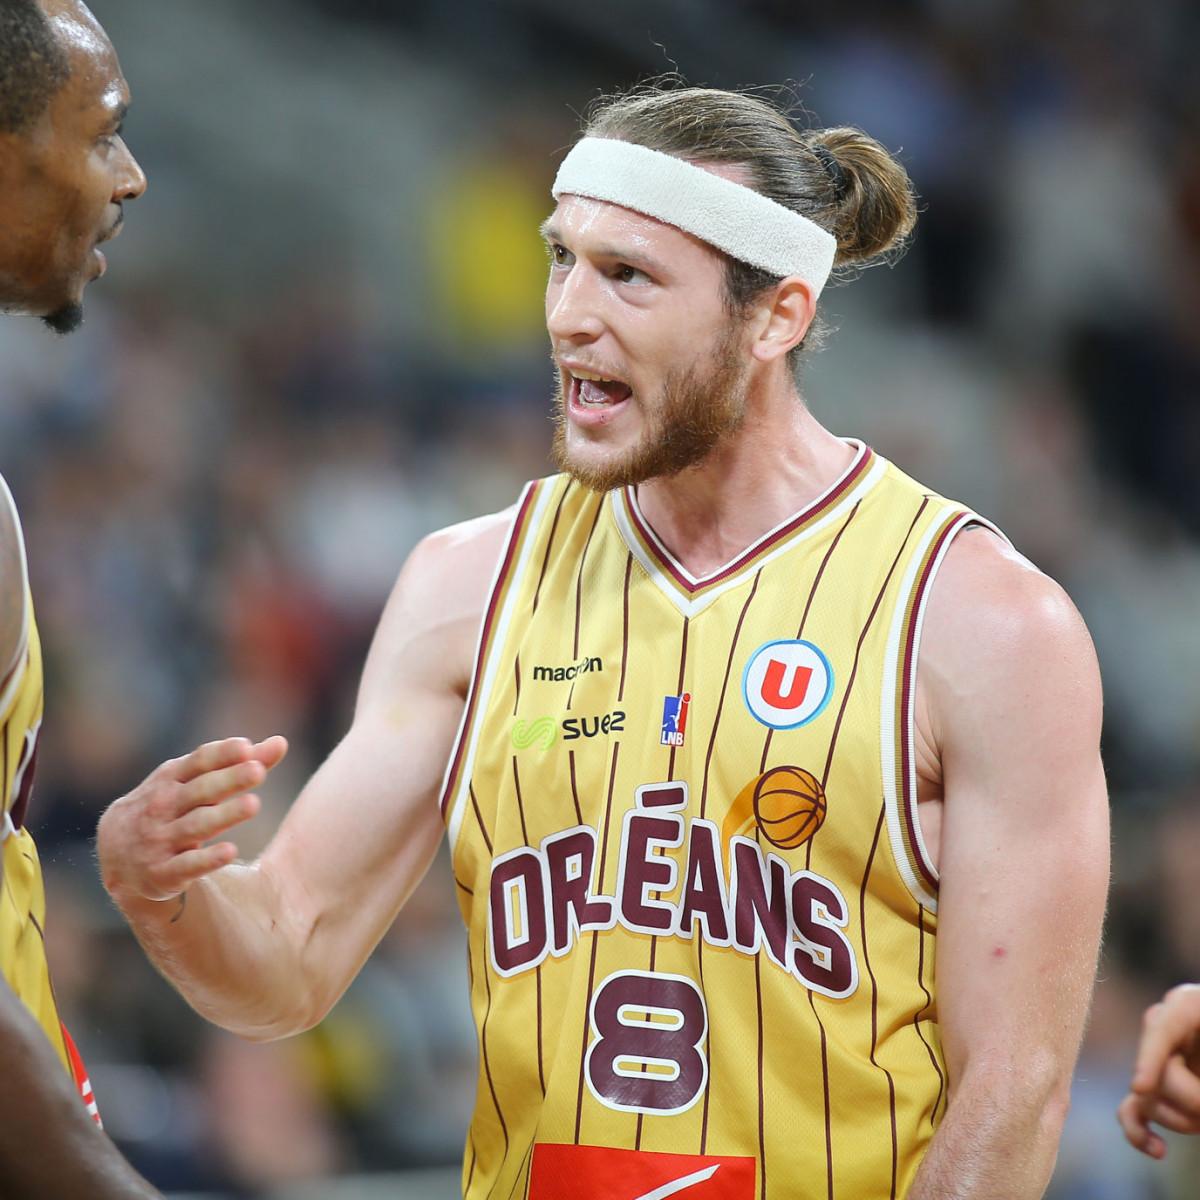 Photo of Antoine Eito, 2015-2016 season